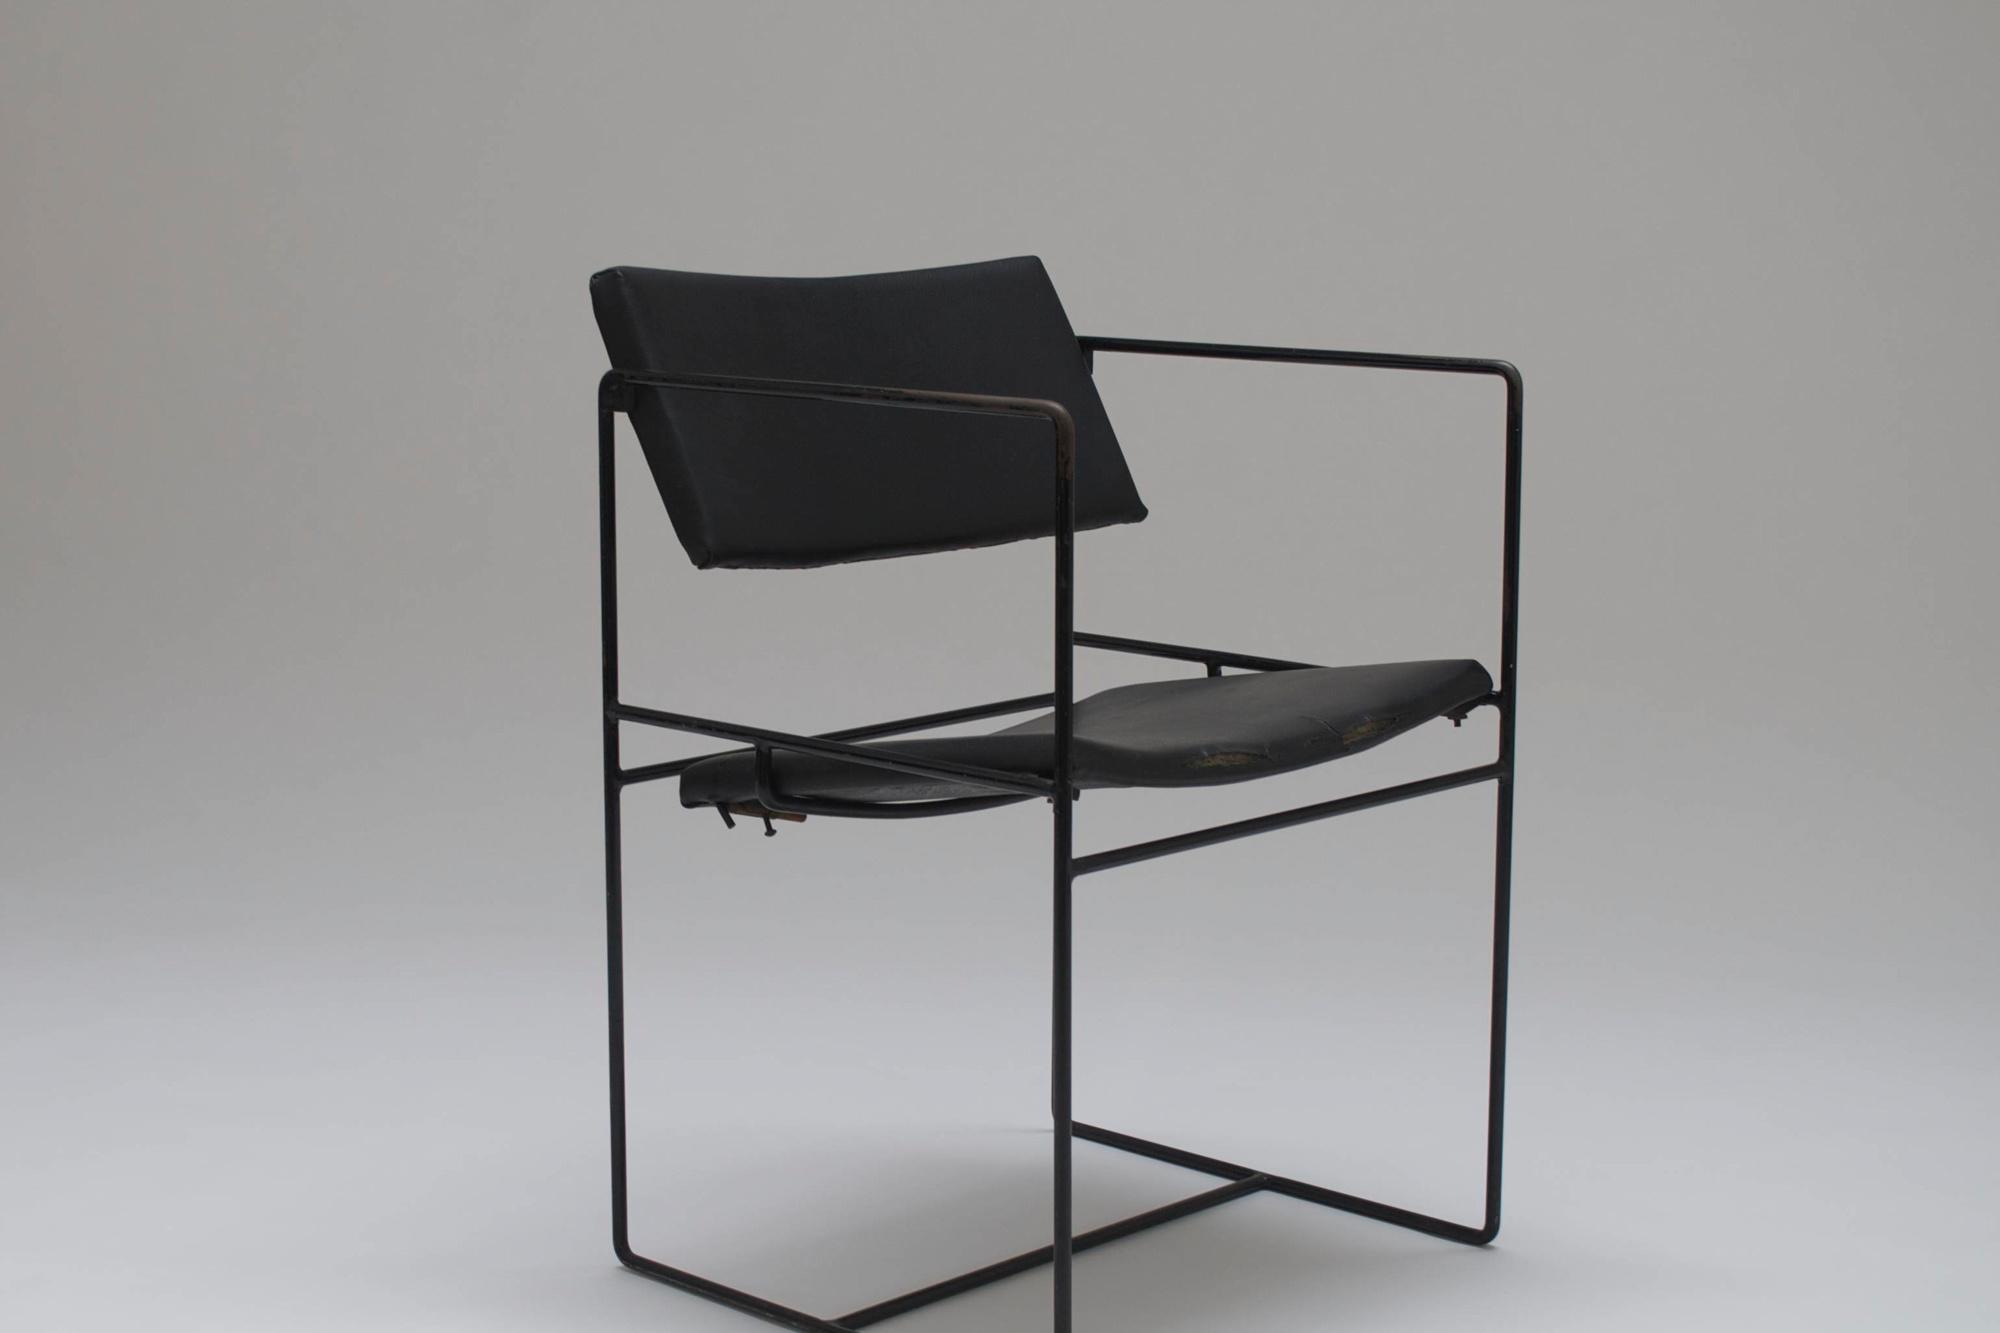 Stoel ontworpen voor Flandria 16, Alain Hens